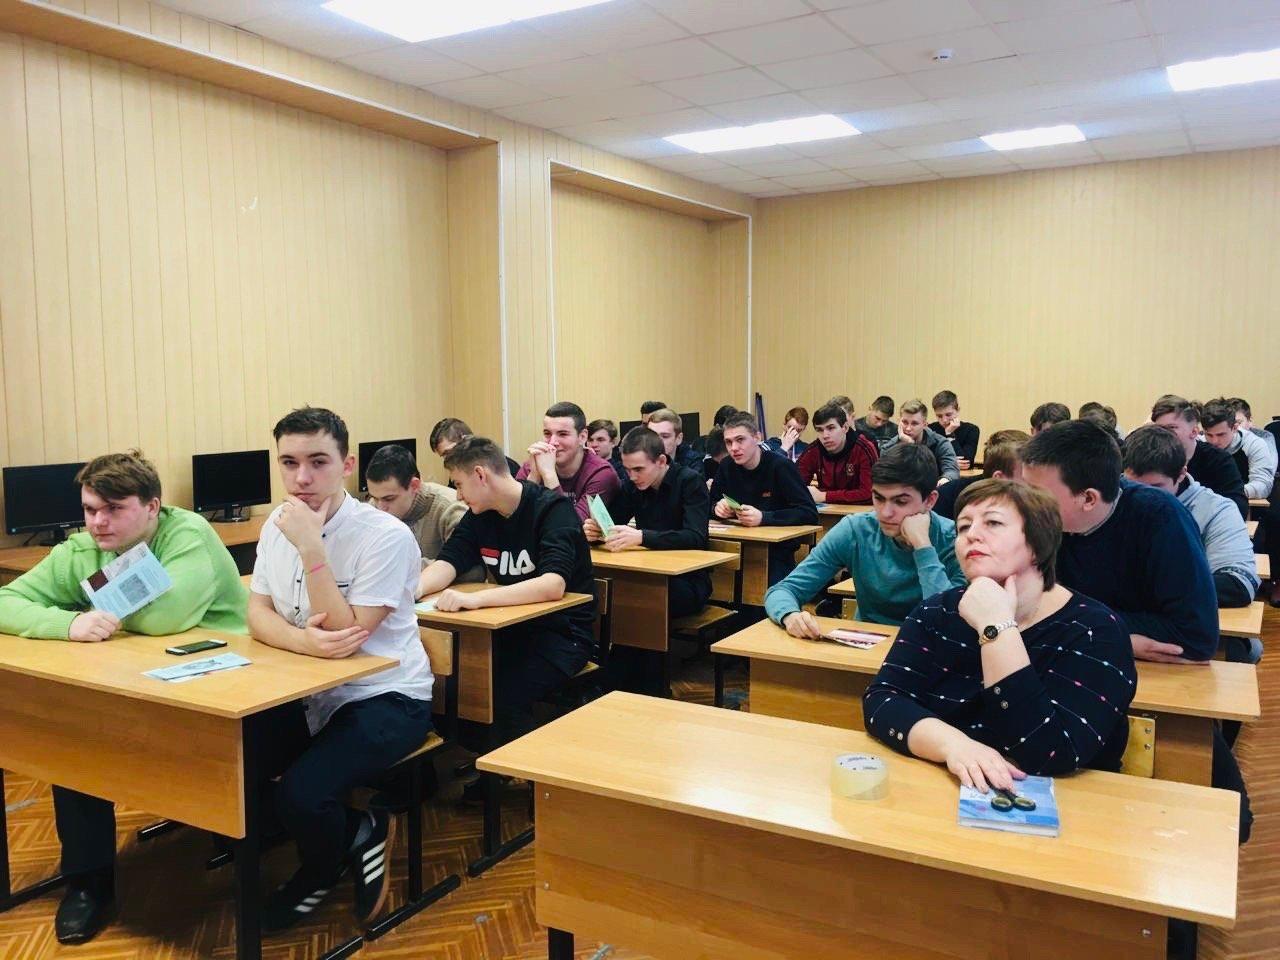 Тамбовский филиал РАНХиГС продолжает серию выездных дней открытых дверей, фото-4